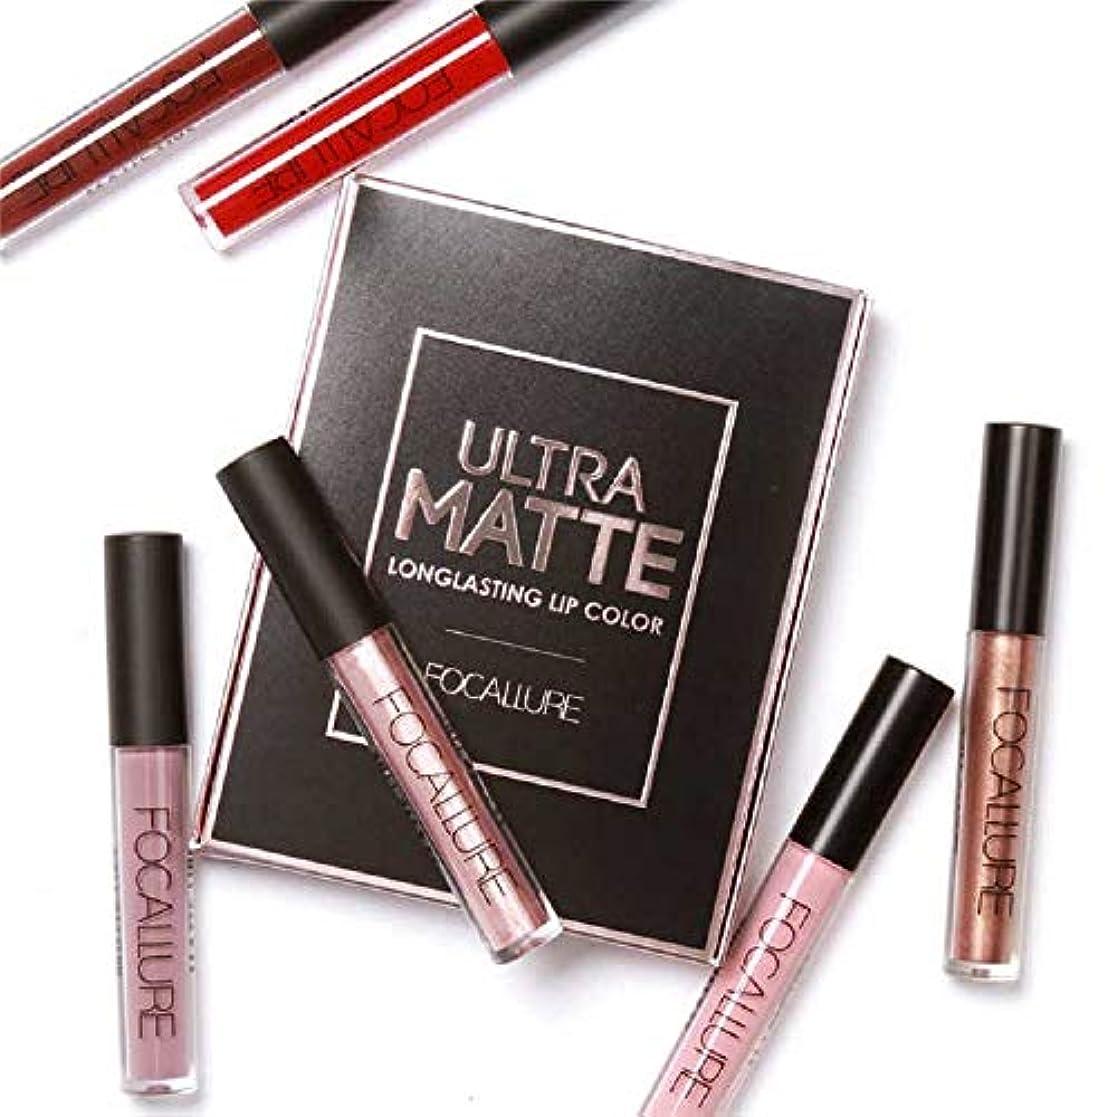 歯科の累積影響力のある3Pcs/Set Long-lasting Lip Colors Makeup Waterproof Tint Lip Gloss Red Velvet Ultra Nude Matte Lipstick Set リップカラーメーキャップ...